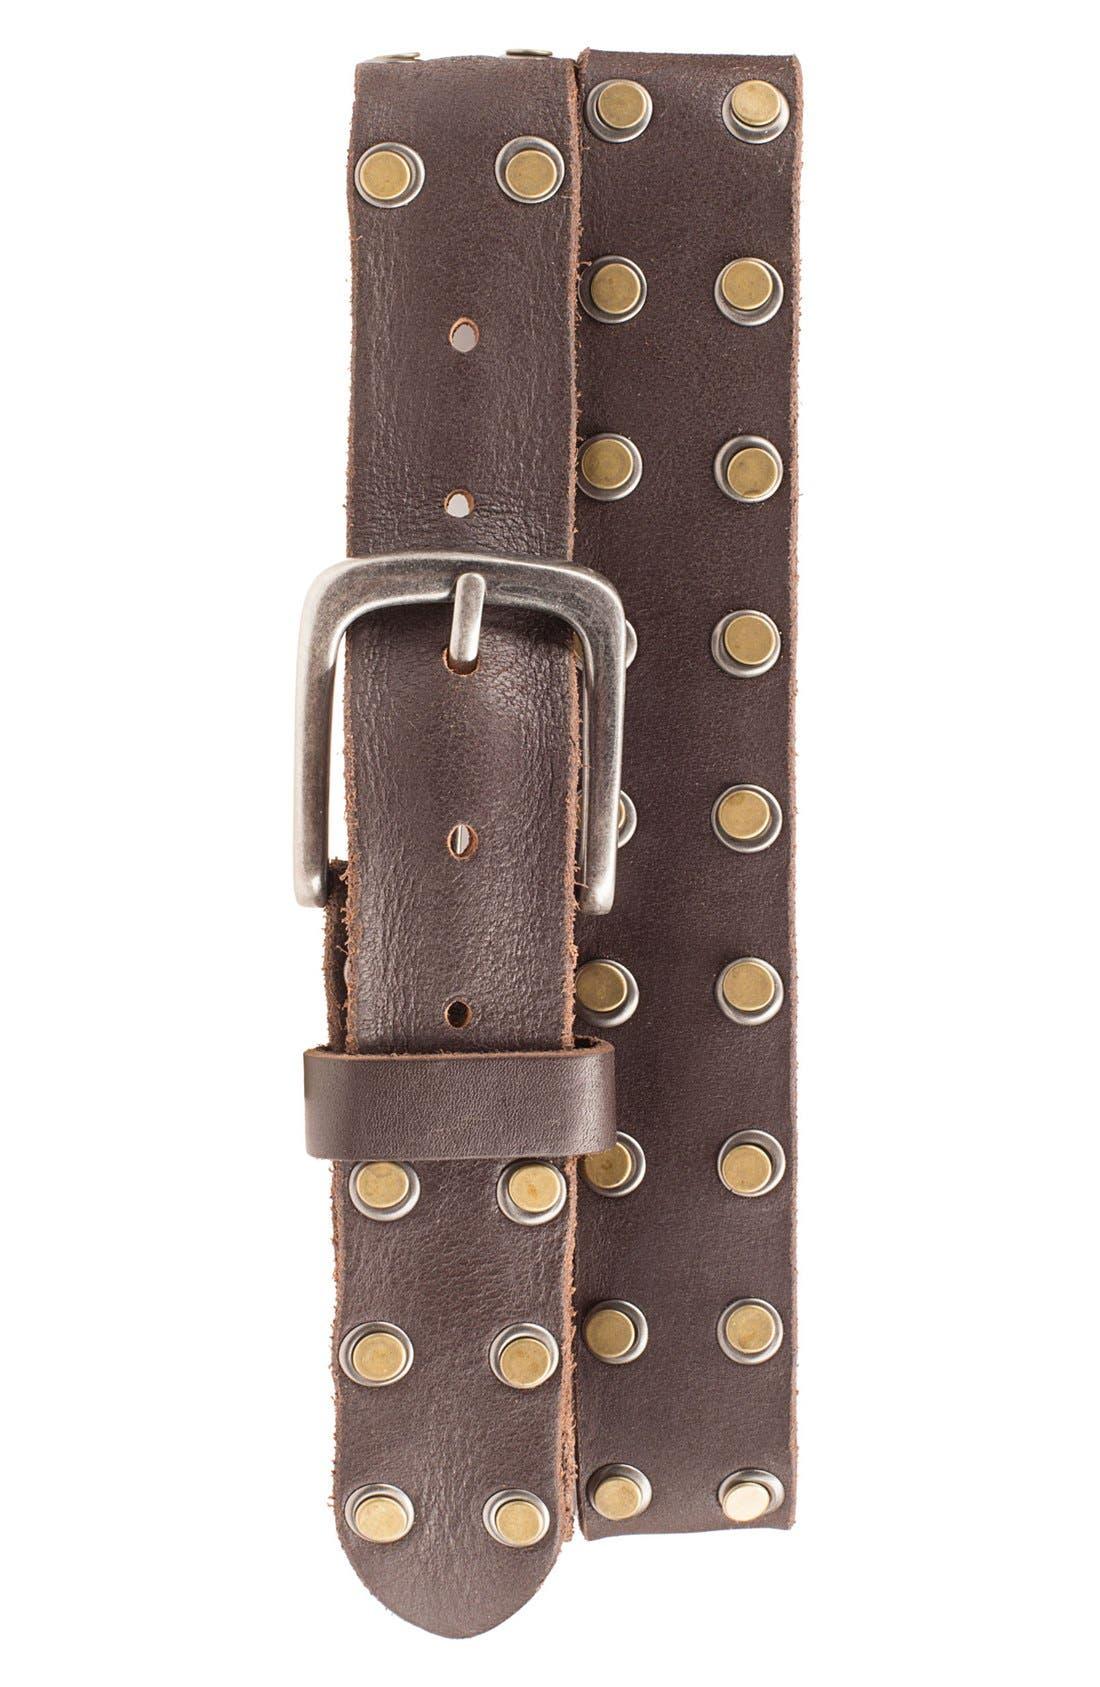 Bill Adler 1981 'Outlaw' Leather Belt